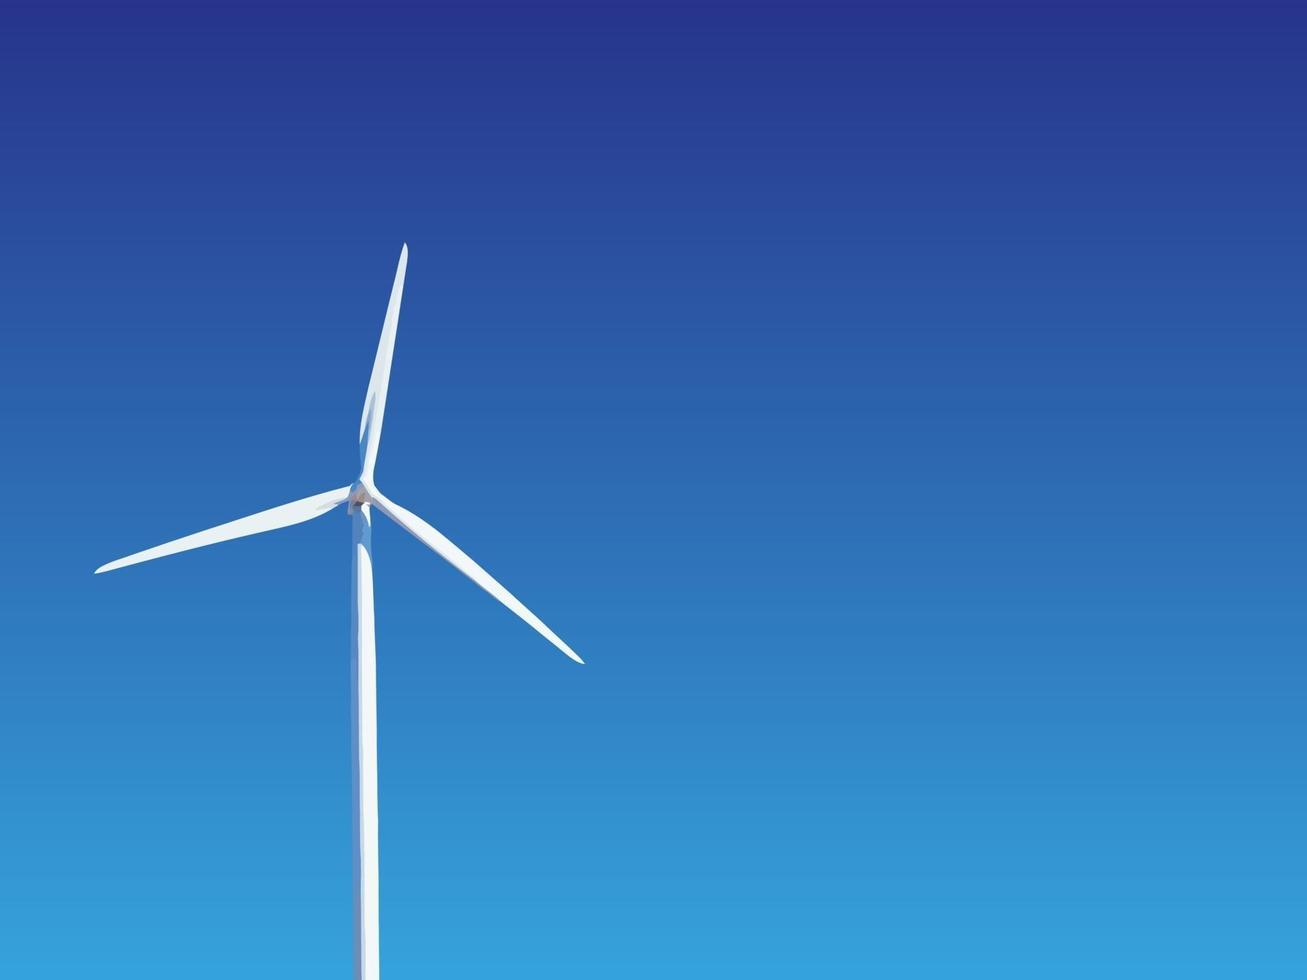 turbina eolica contro il cielo. produzione di energia rispettosa dell'ambiente. vettore